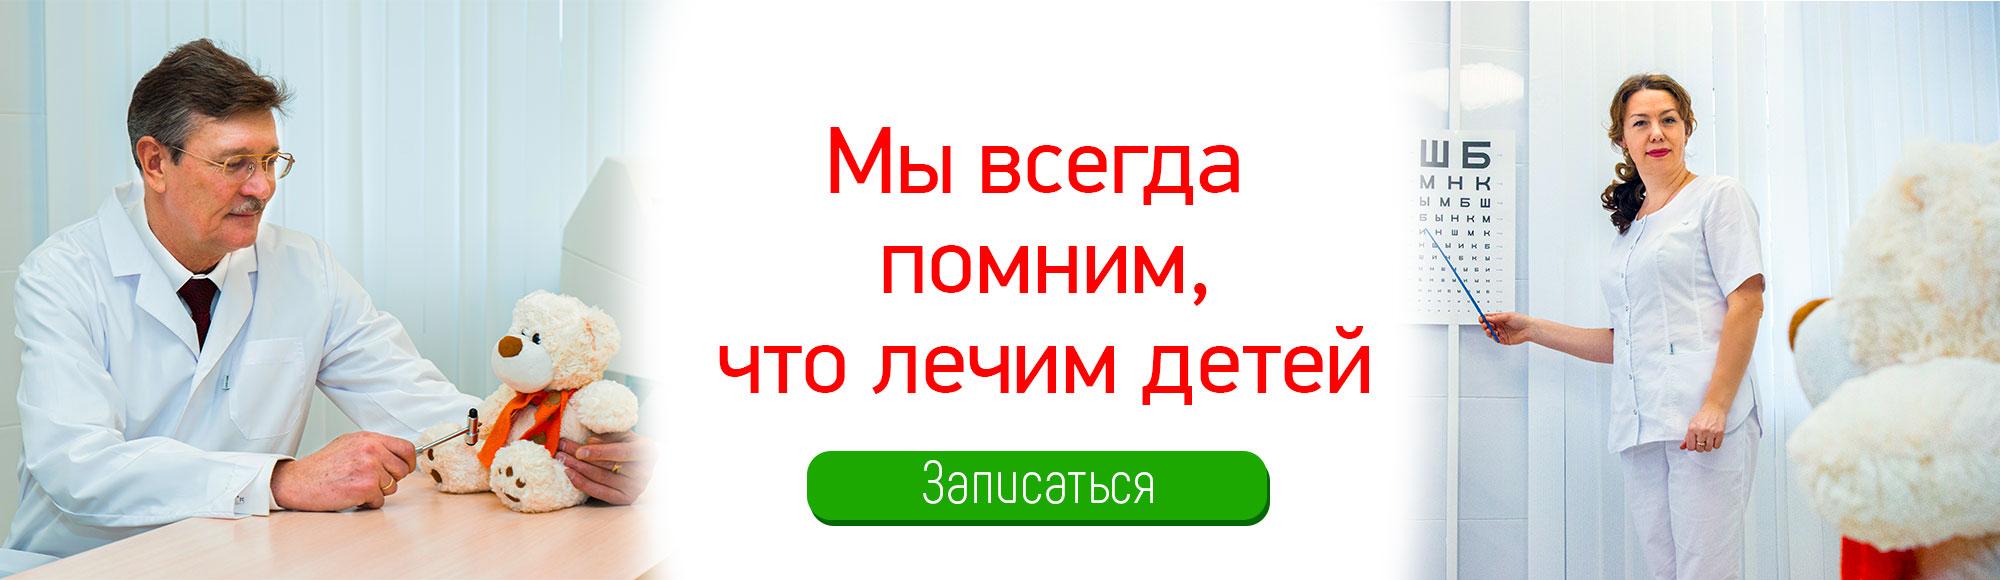 Педиатр в Воронеже